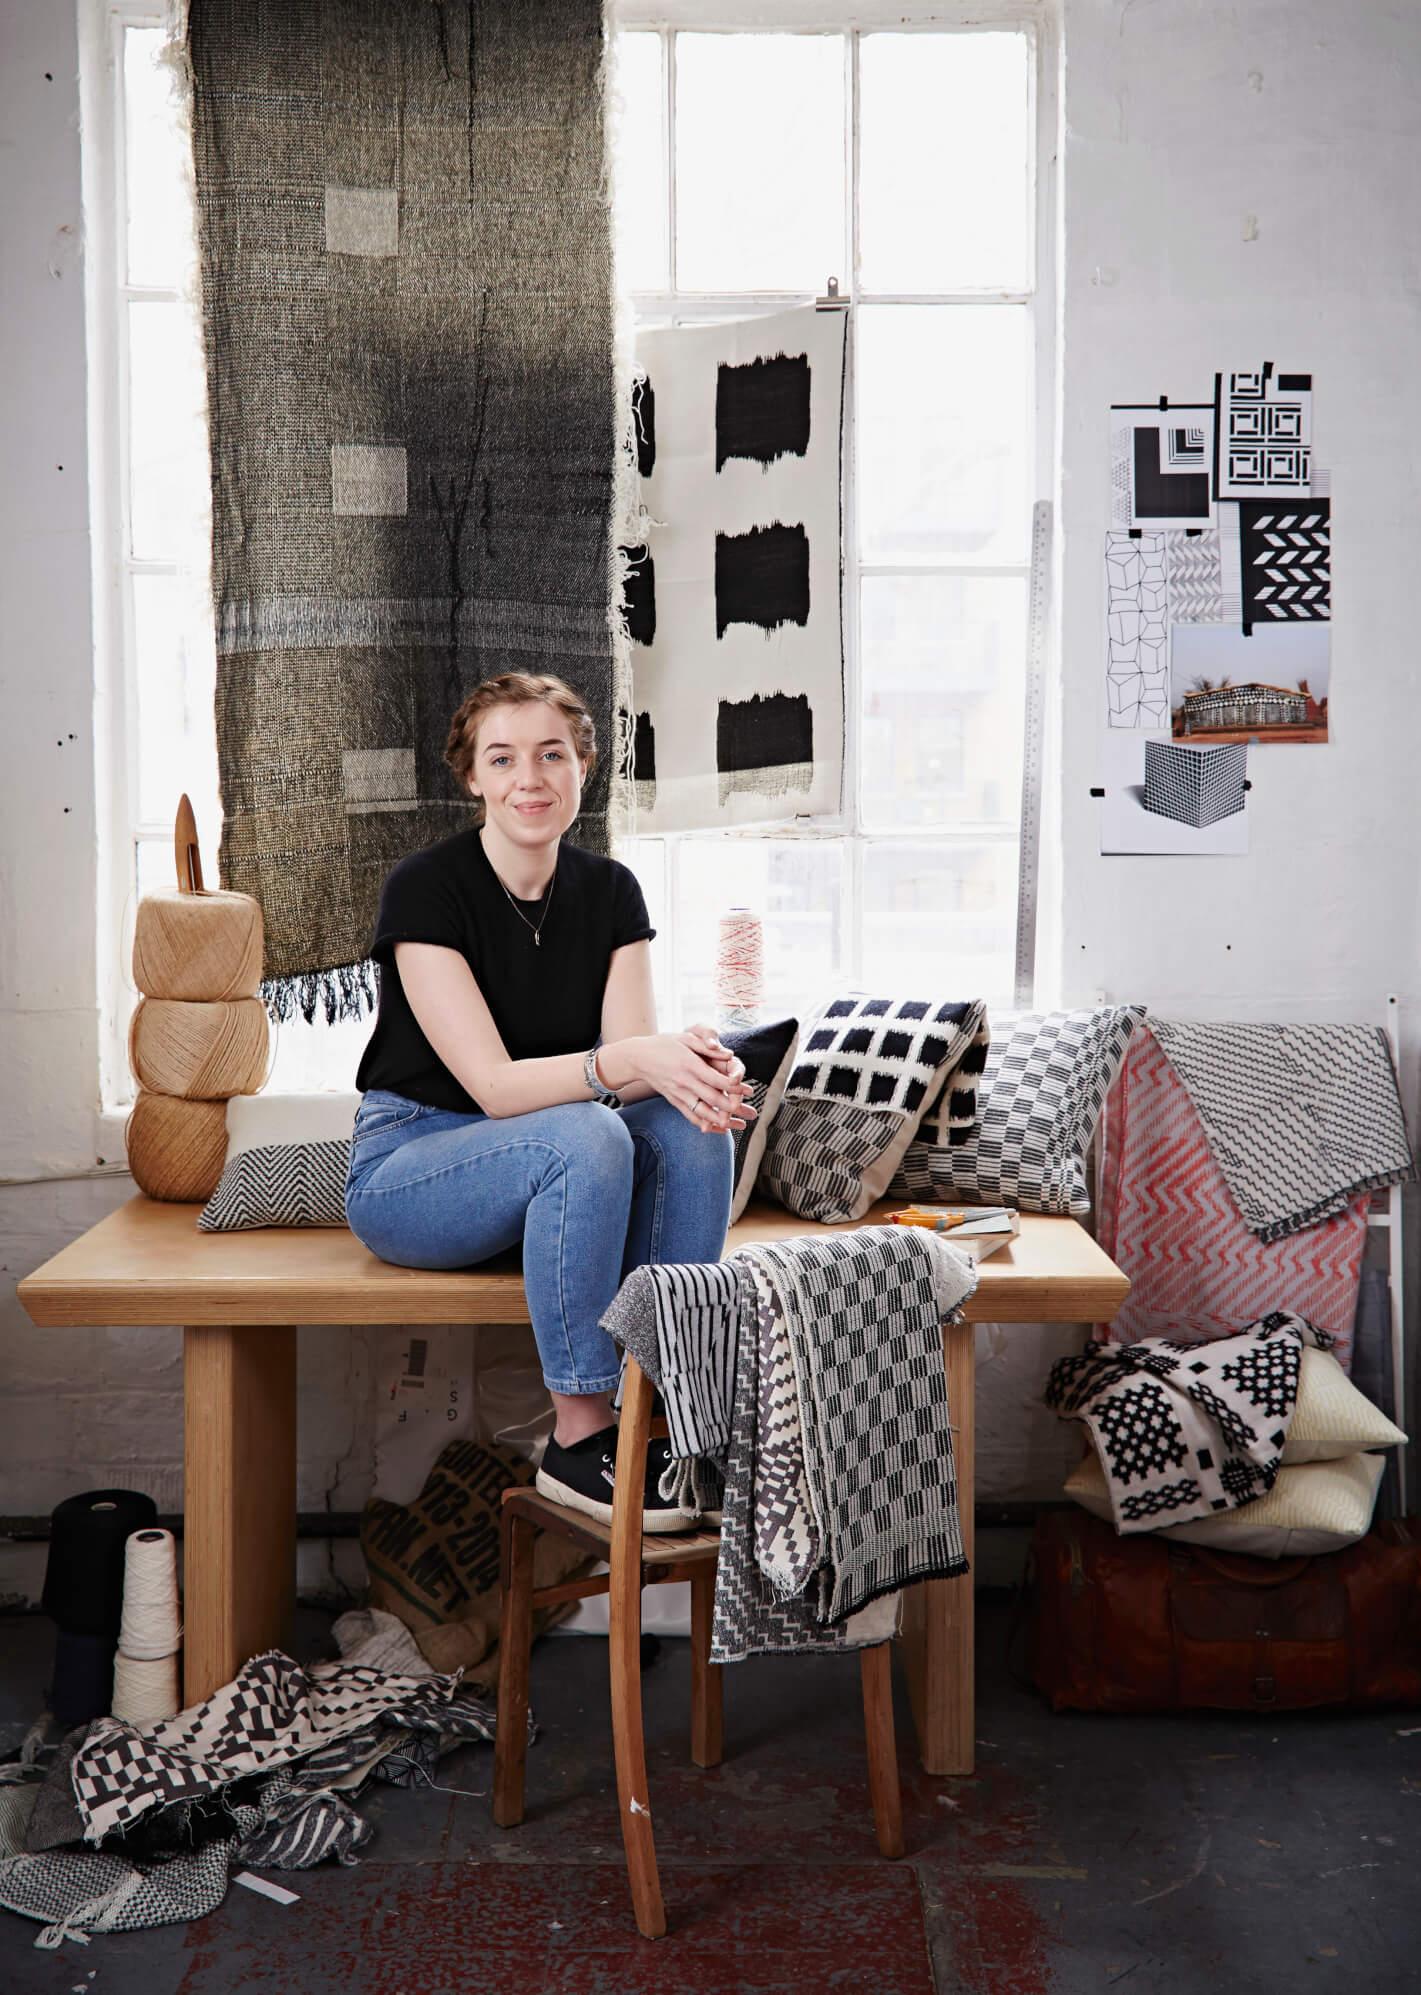 Beatrice Larkin in her Creative Studio